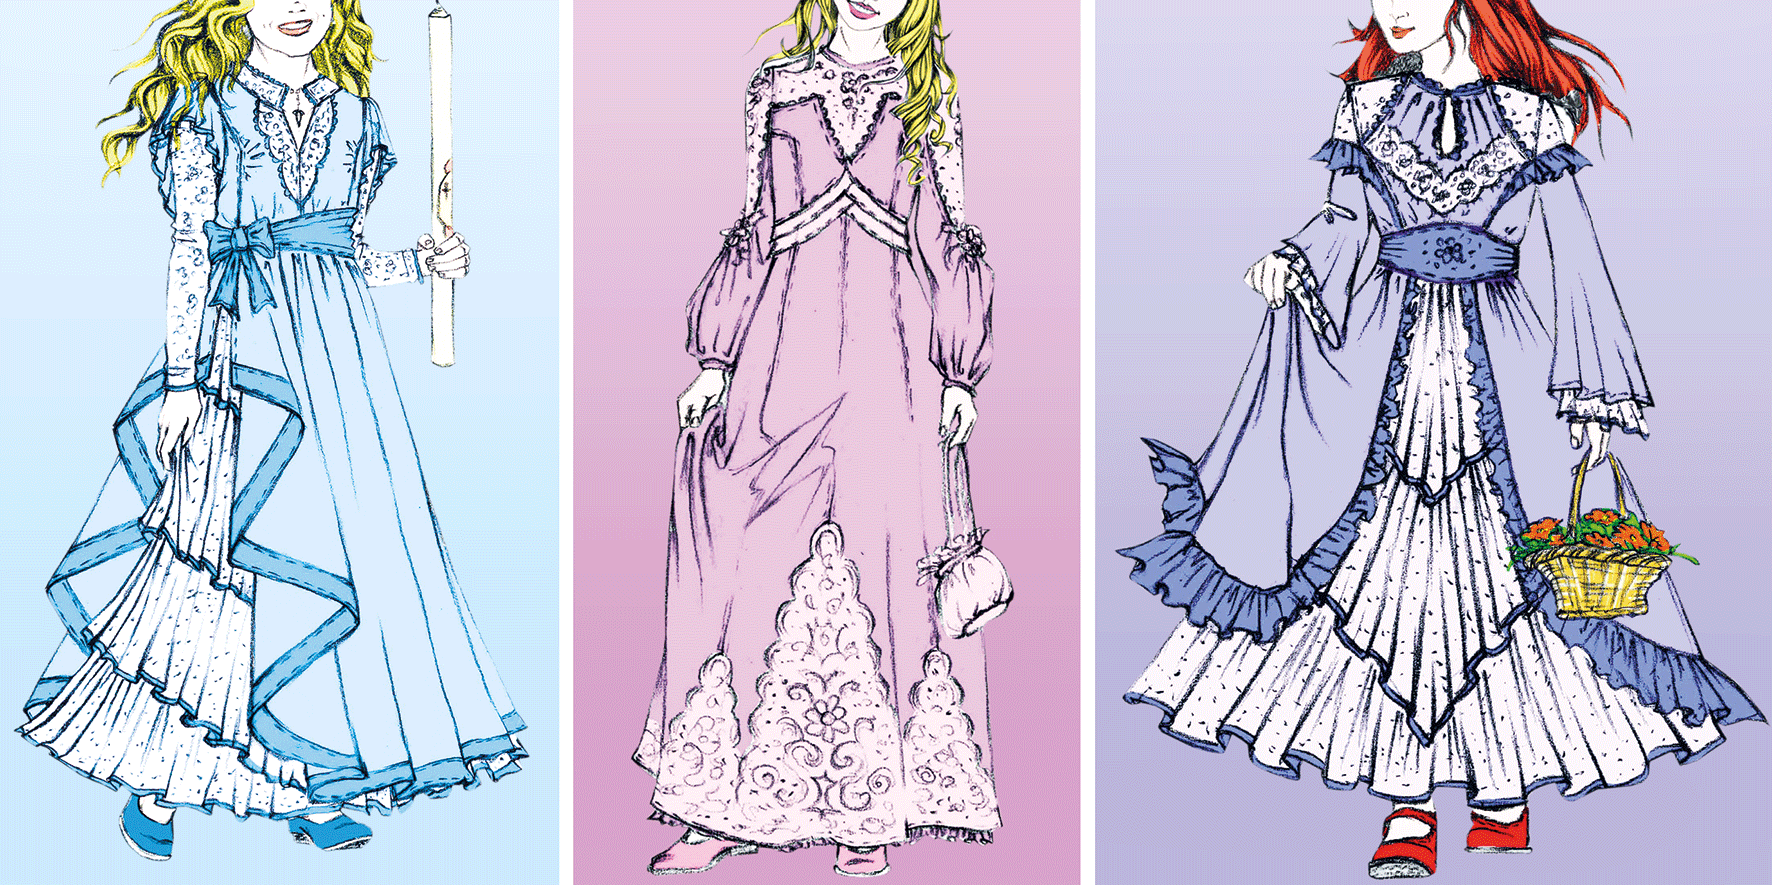 Abgebildet ist eine Zeichnung eines Kindes im Kleid.